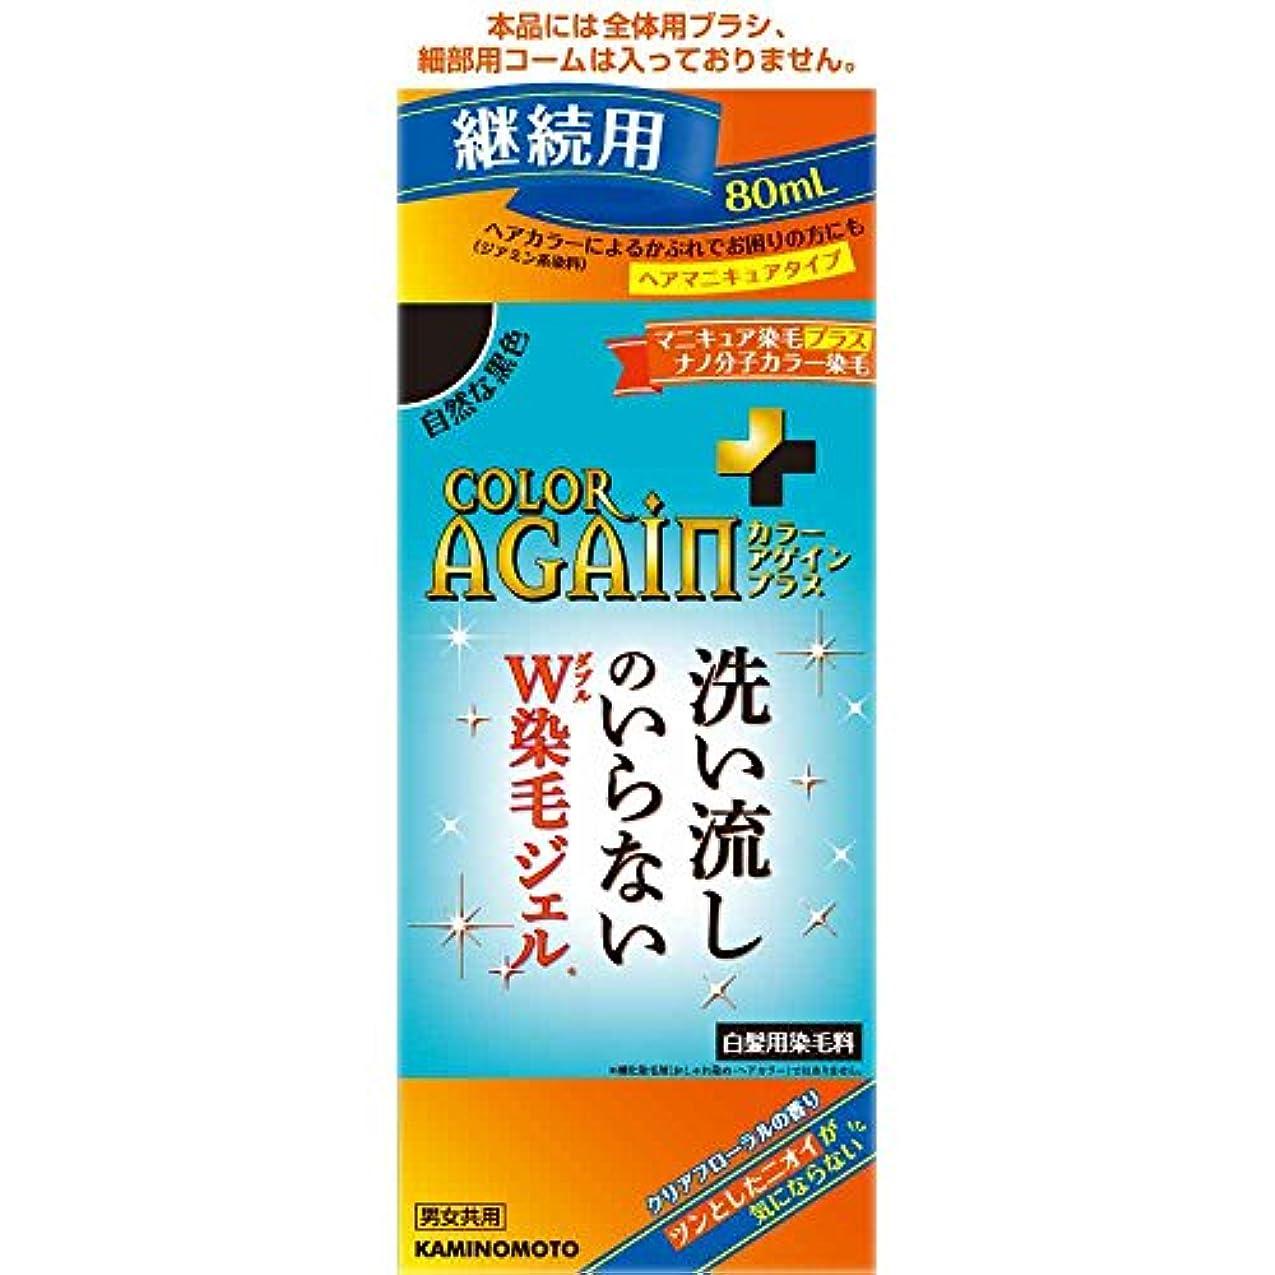 テクニカルビルダー流カラーアゲインプラス 自然な黒色 継続用 80mL